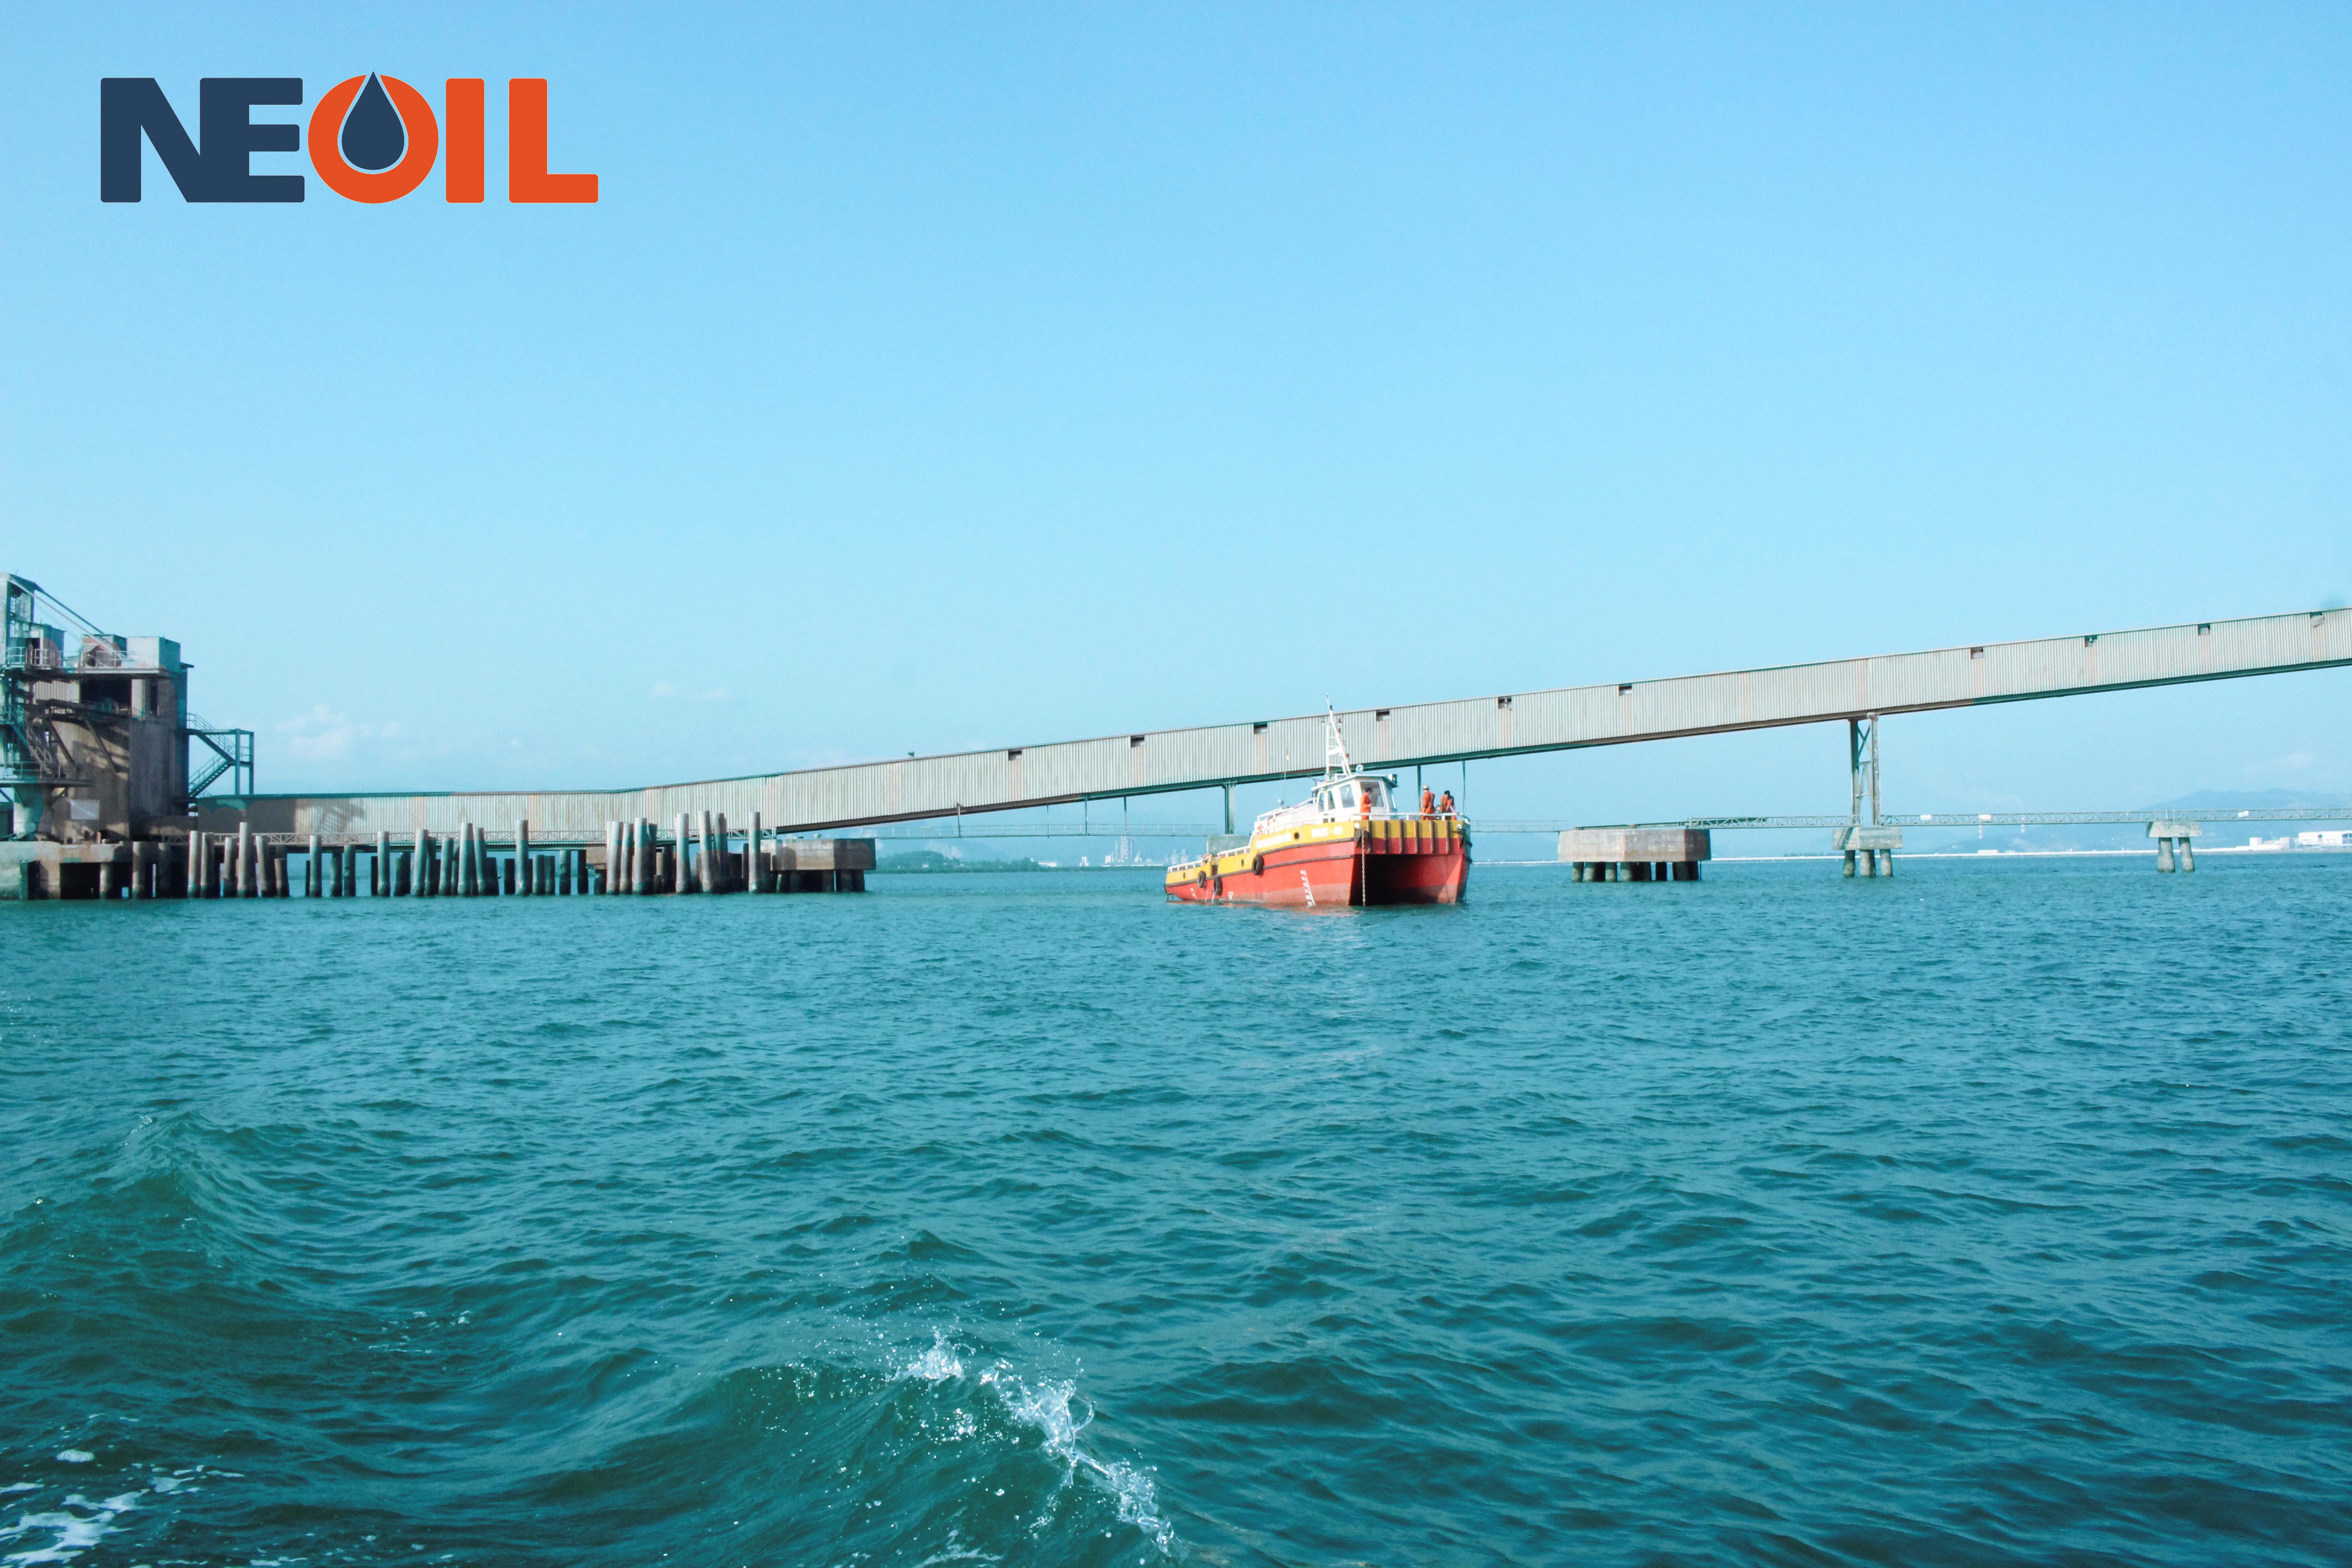 Kế hoạch ứng phó sự cố tràn dầu 2020 NEOIL Công ty ứng phó sự cố tràn dầu chuyên nghiệp